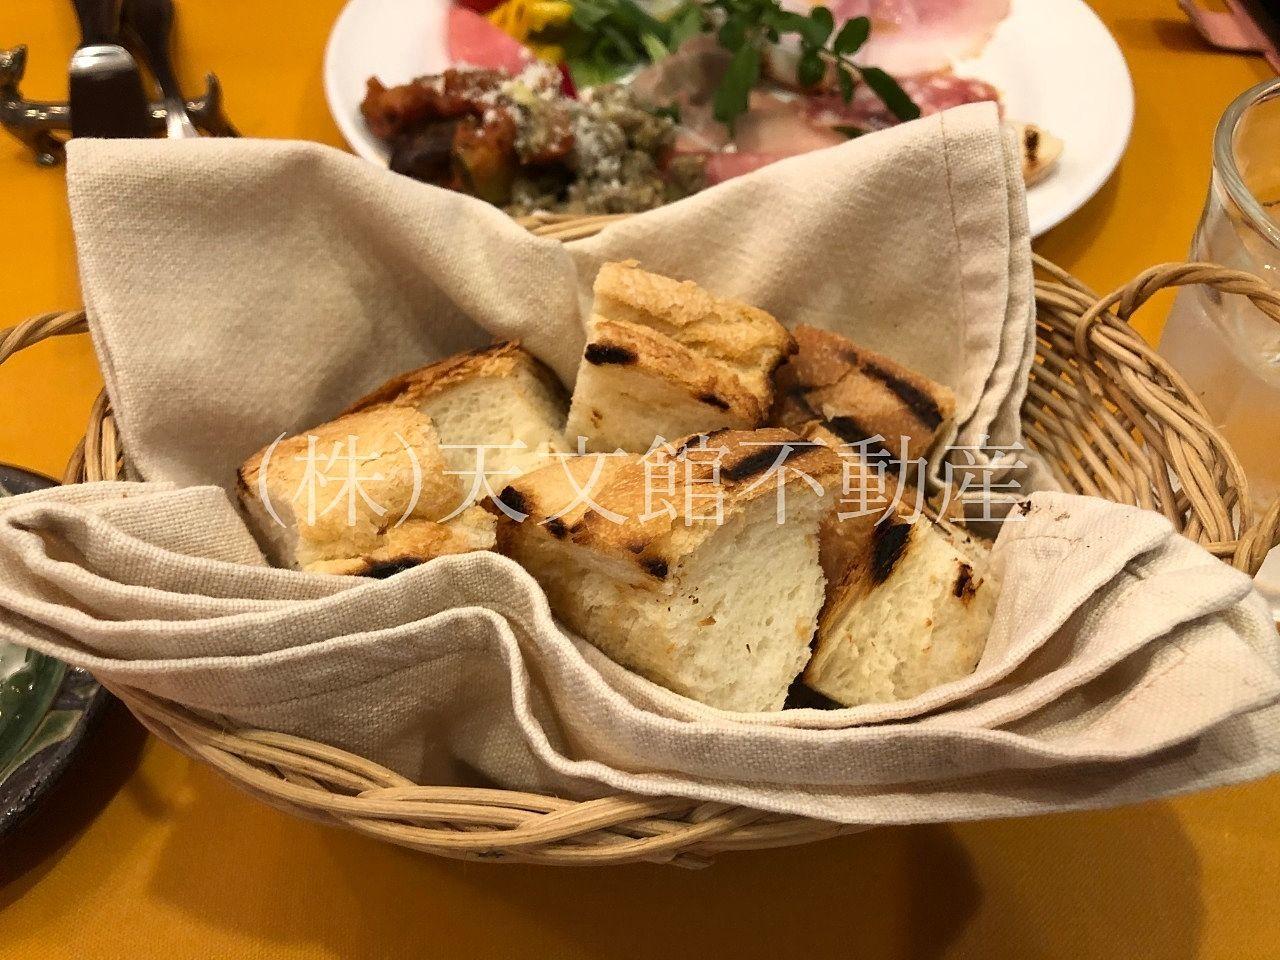 イタリアン料理ピッコロ モンドのパンも美味しかったですよ。